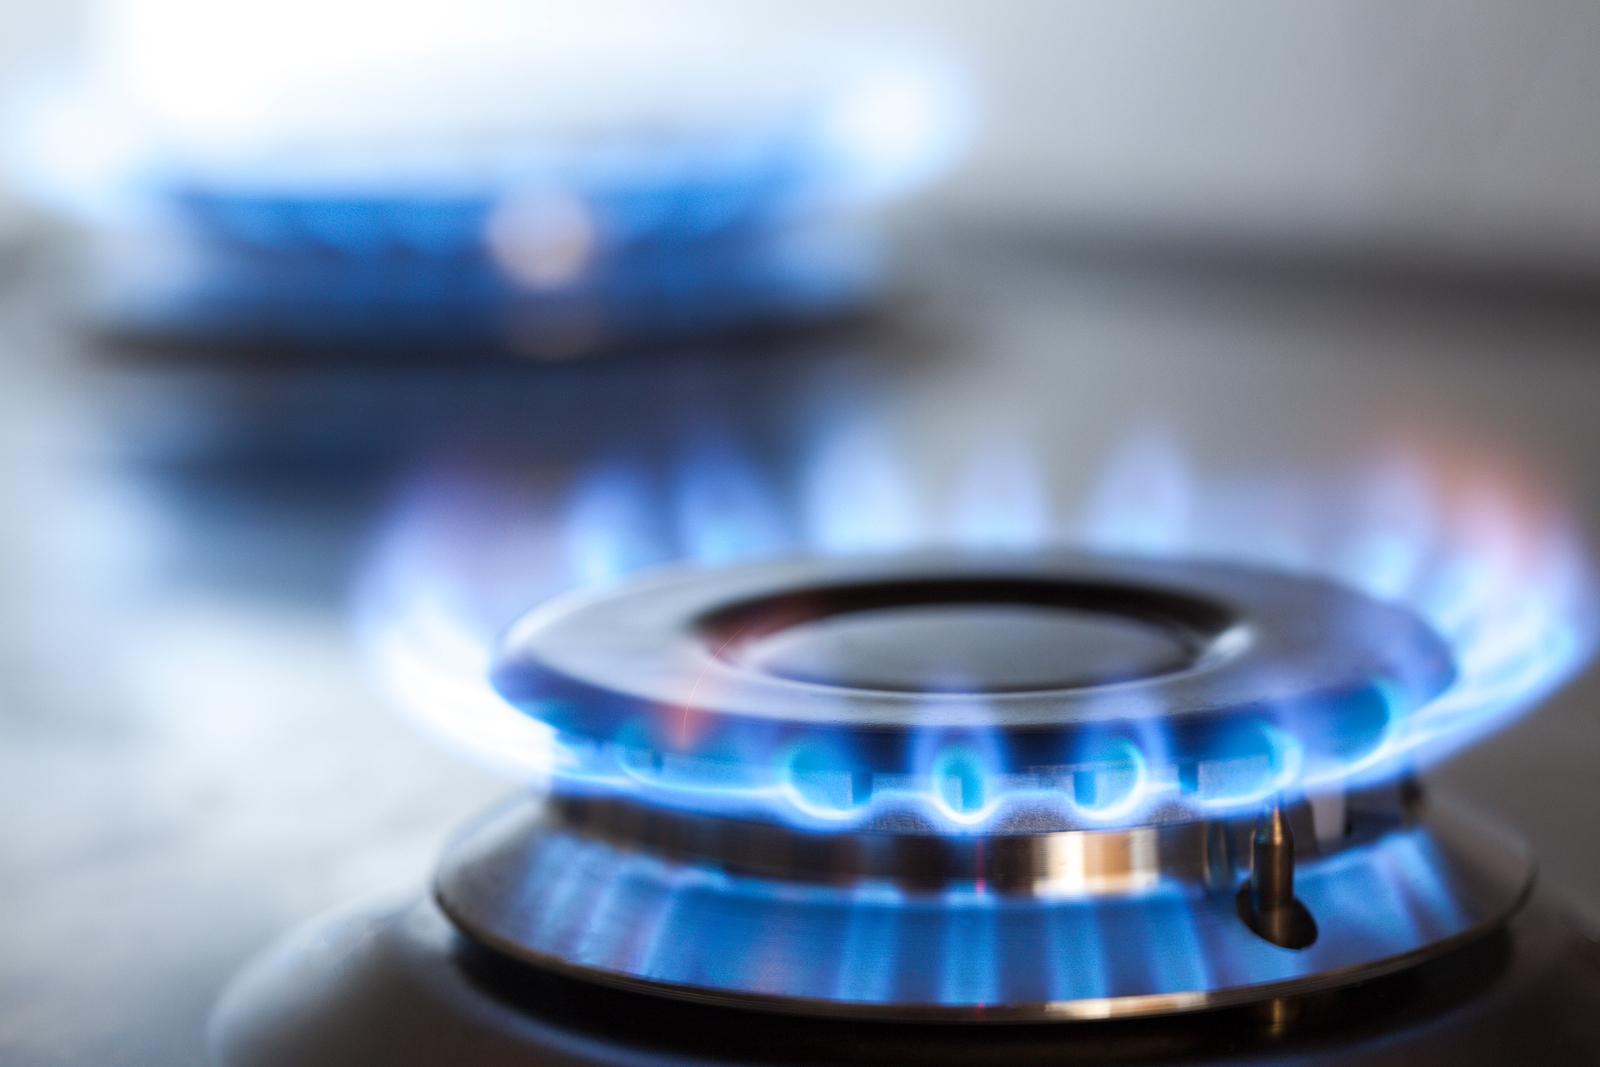 EU-Gericht beschränkt russischen Zugang zur Opal-Pipeline - Emerging Europe | News, Intelligence, Community